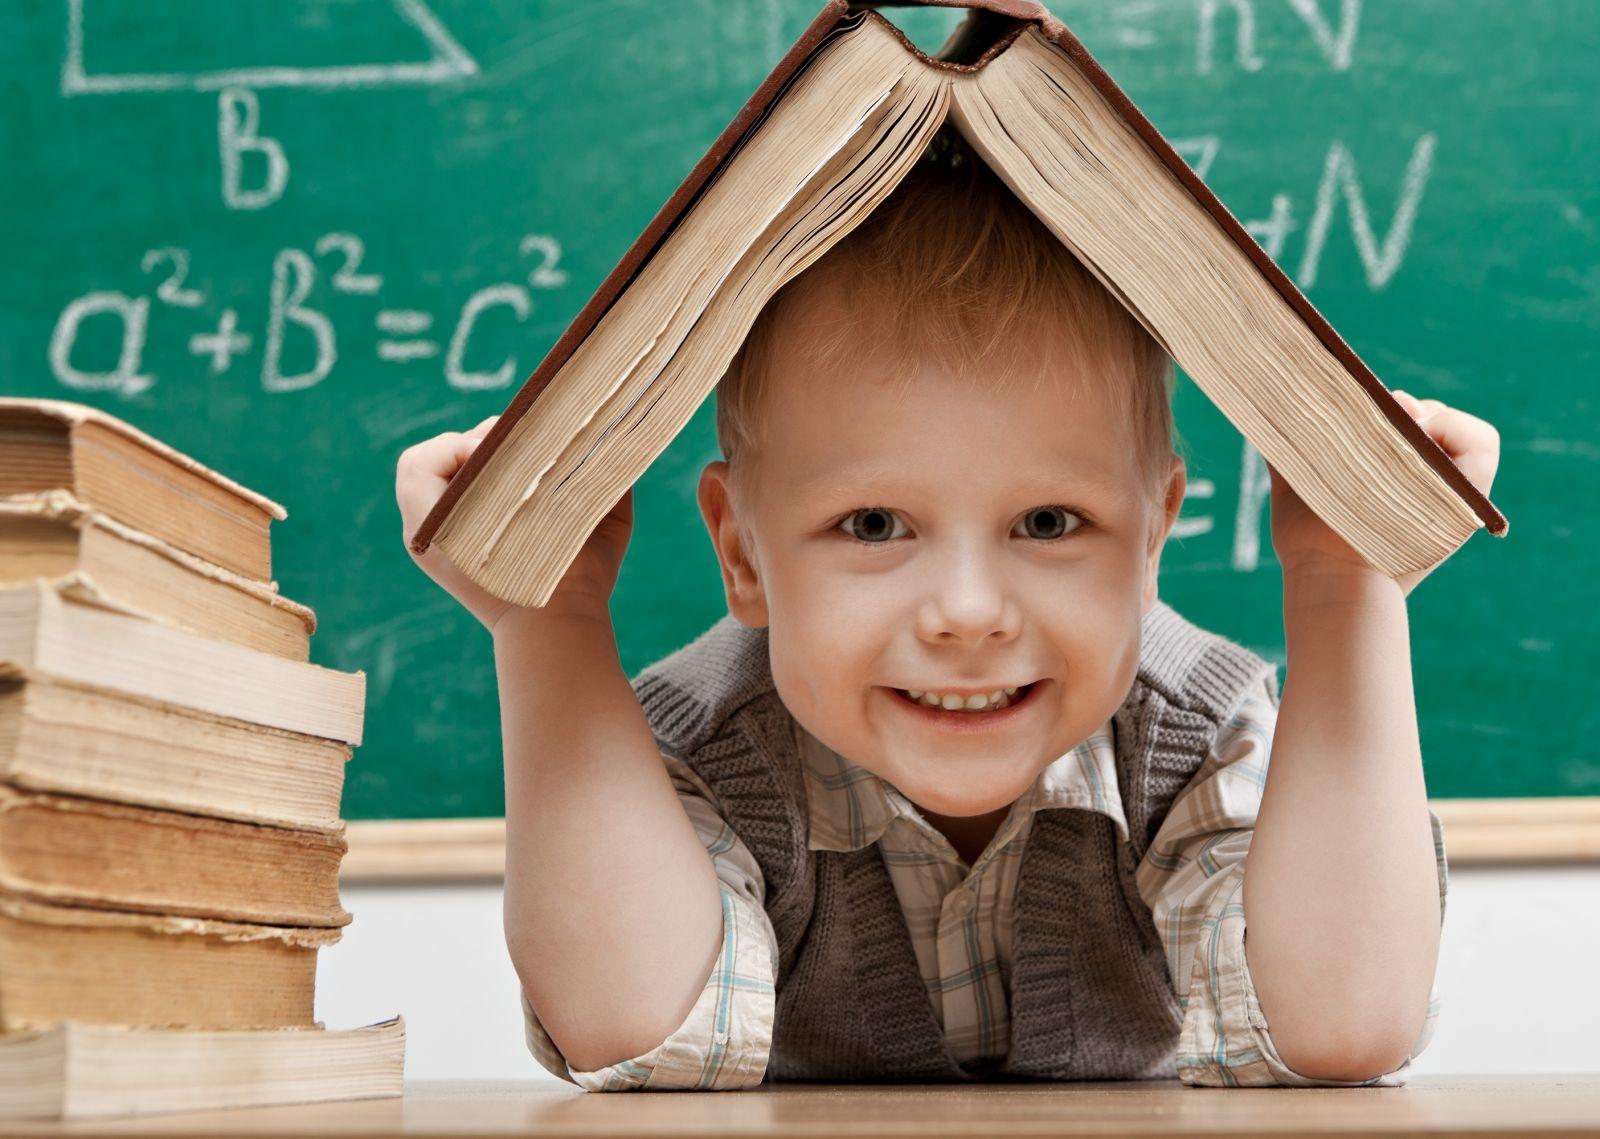 Готовность ребенка к школе. На что важно обратить внимание?